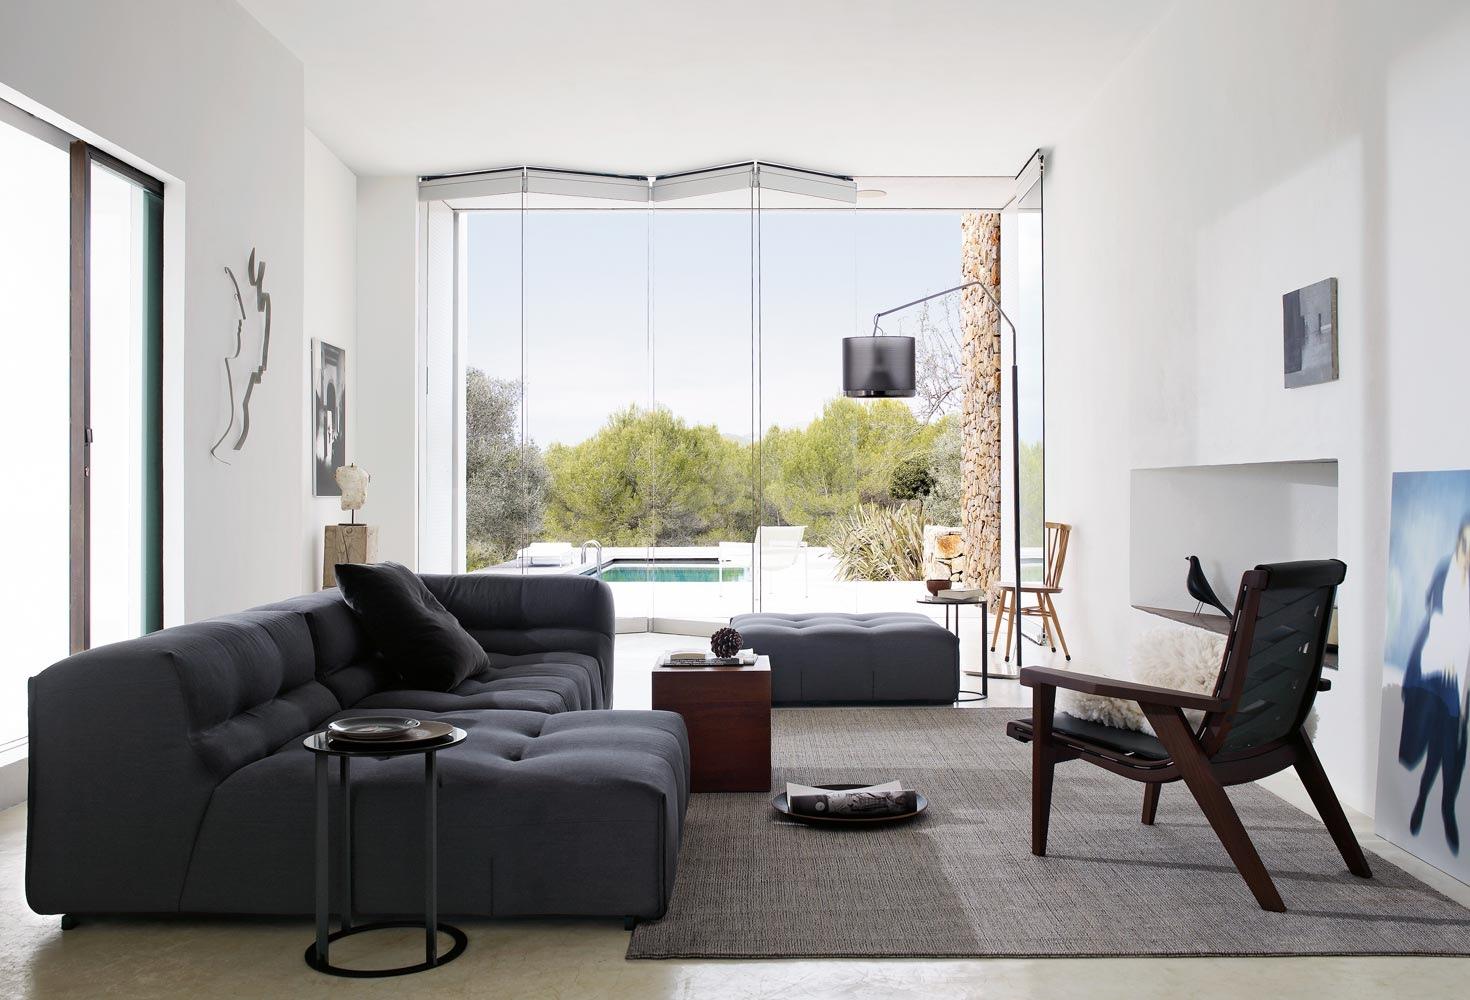 Home design living room furniture. Home design living room furniture   House design plans